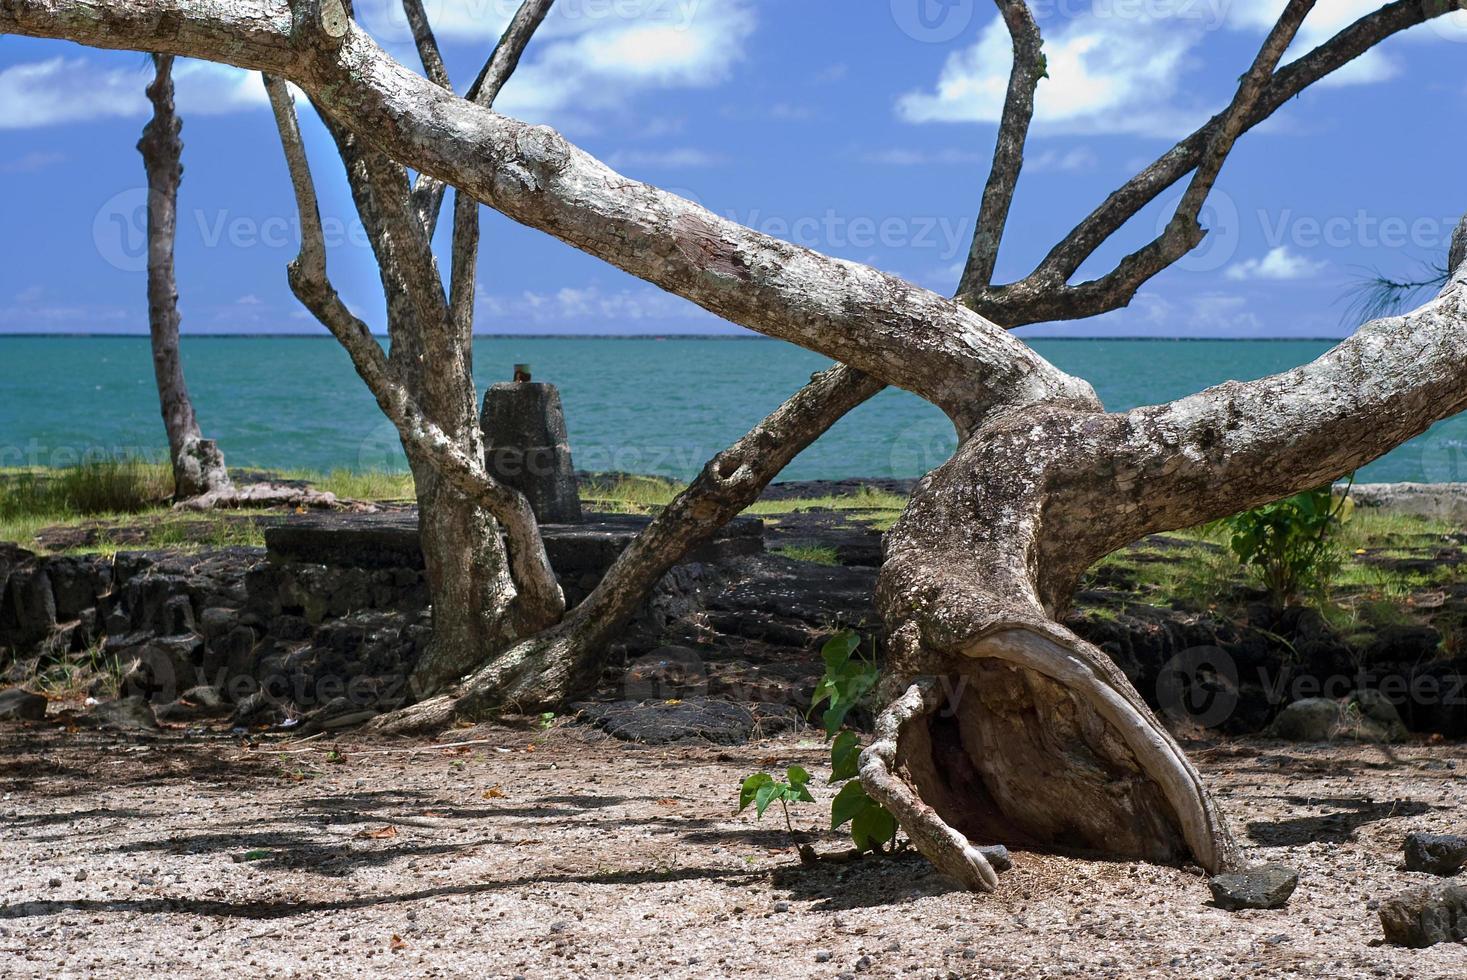 praia da ilha de coco com árvores tropicais e areia foto